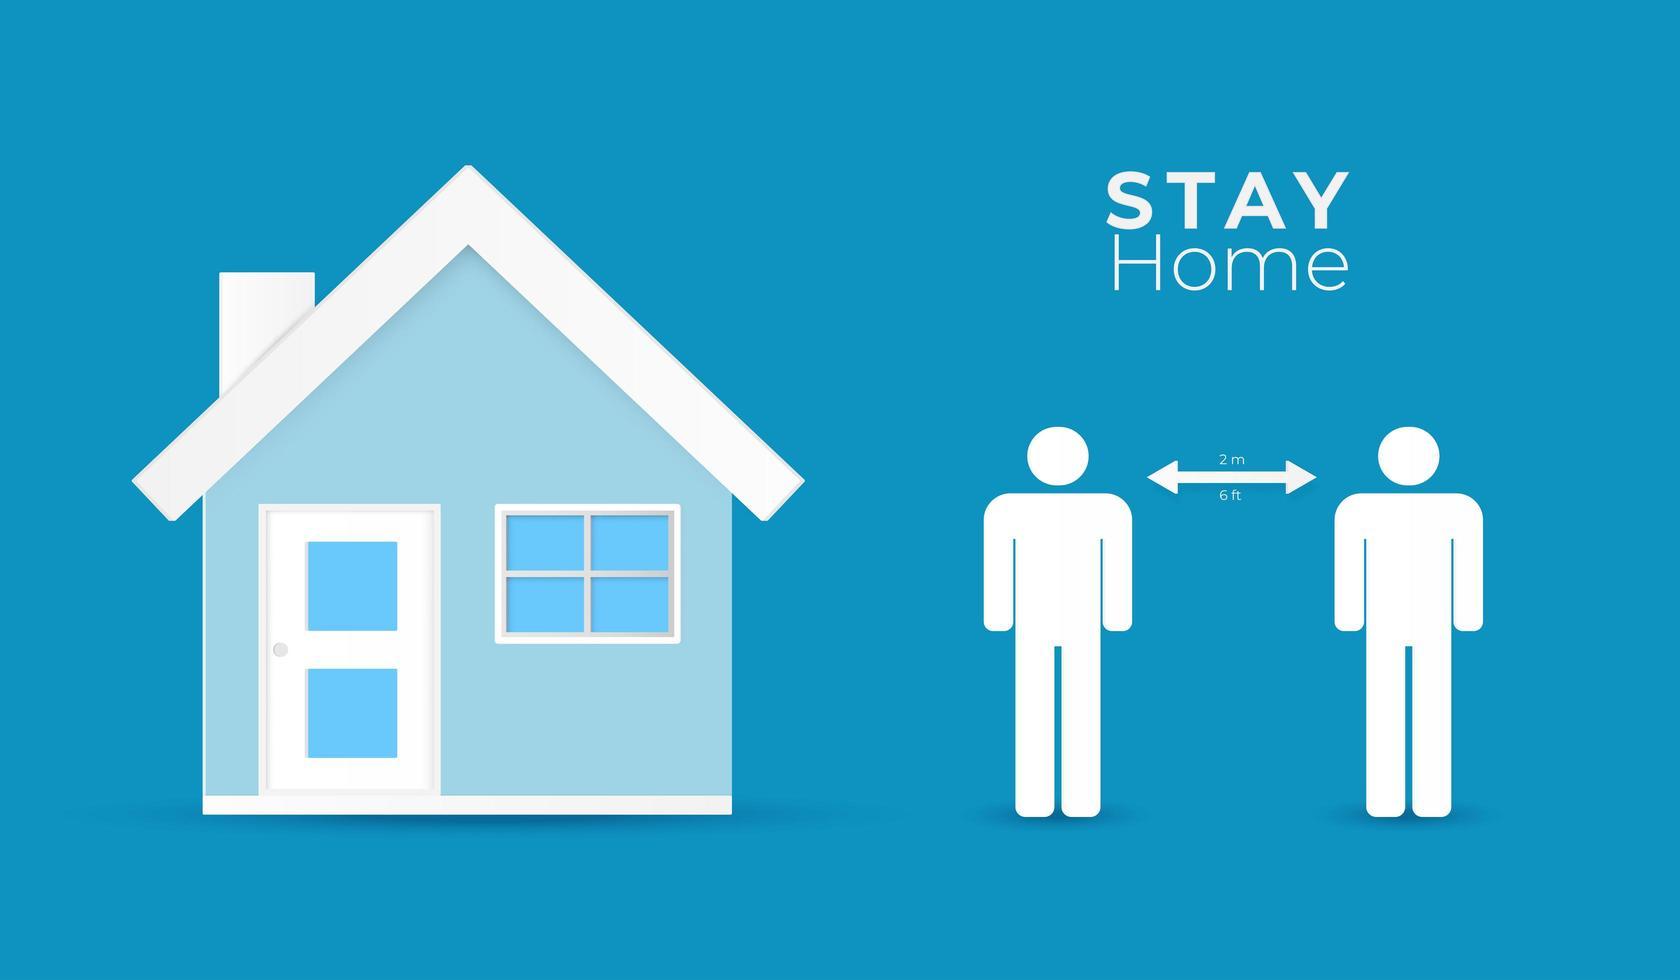 affiche rester à la maison et distanciation sociale vecteur